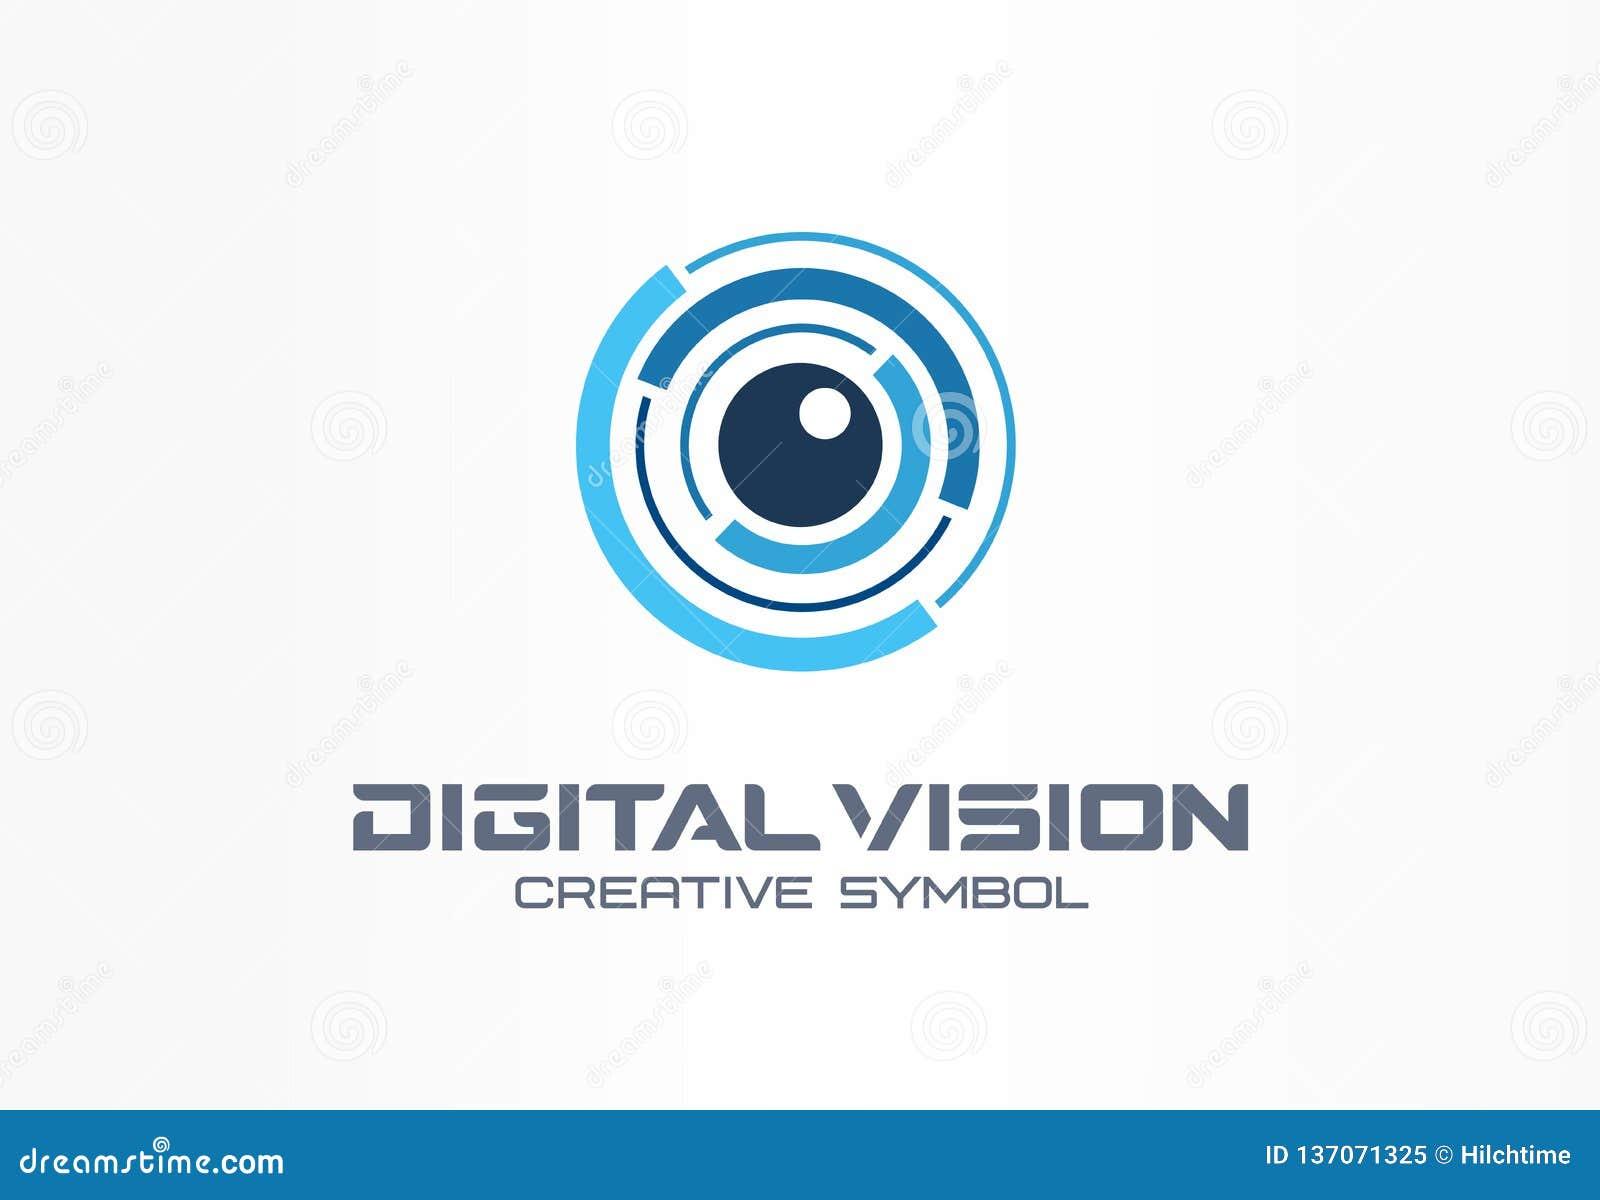 数字视觉创造性的标志概念 眼睛虹膜扫描,vr系统摘要企业商标 Cctv显示器,安检